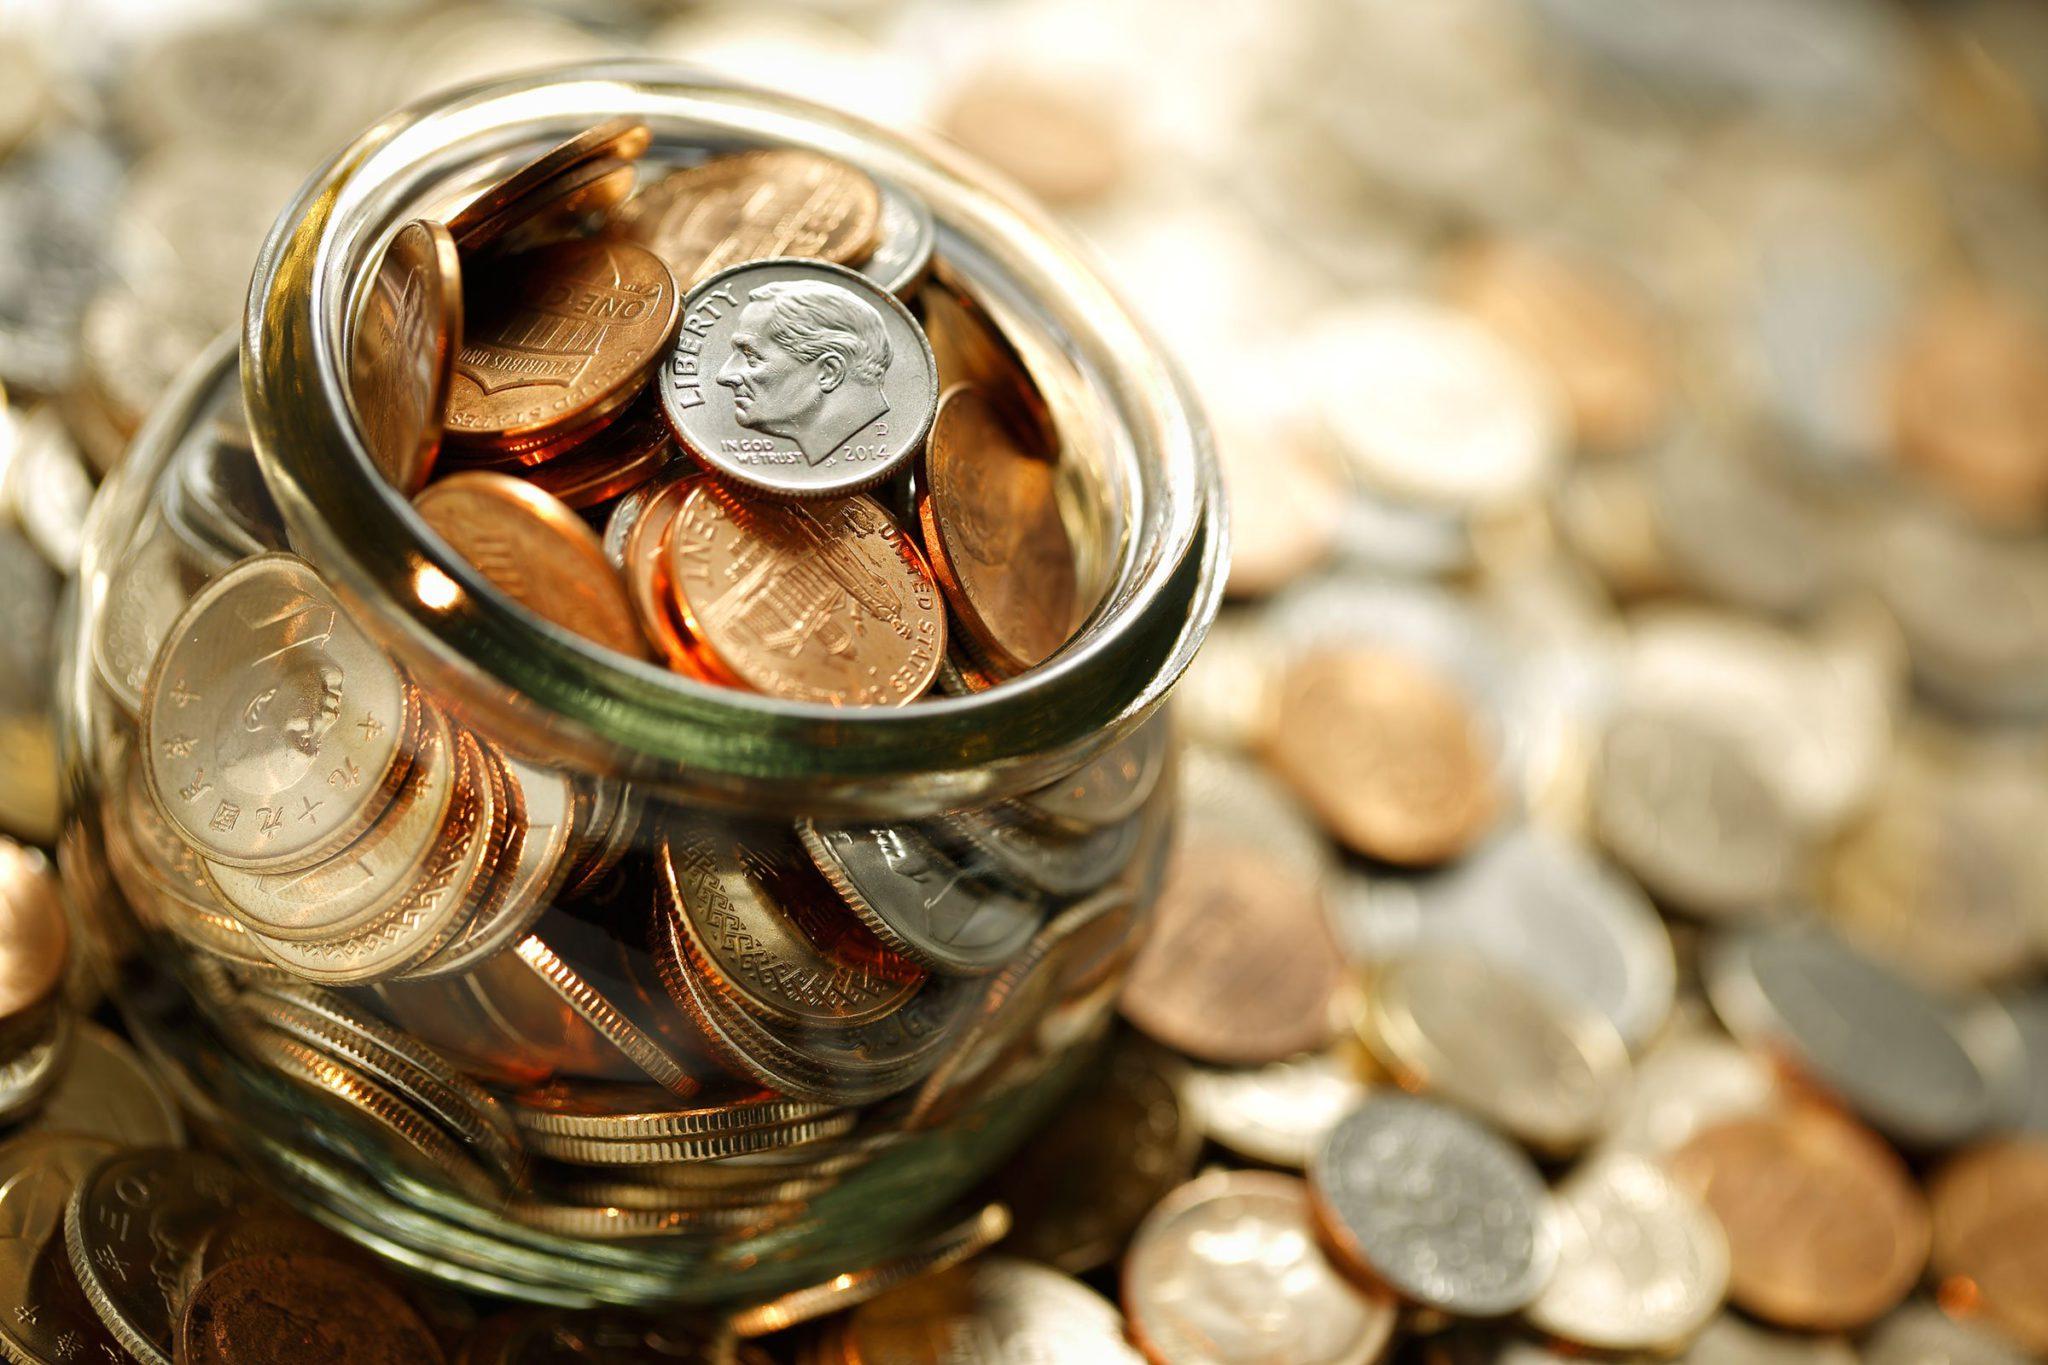 Самые сильные заговоры от долгов, безденежья и нищеты